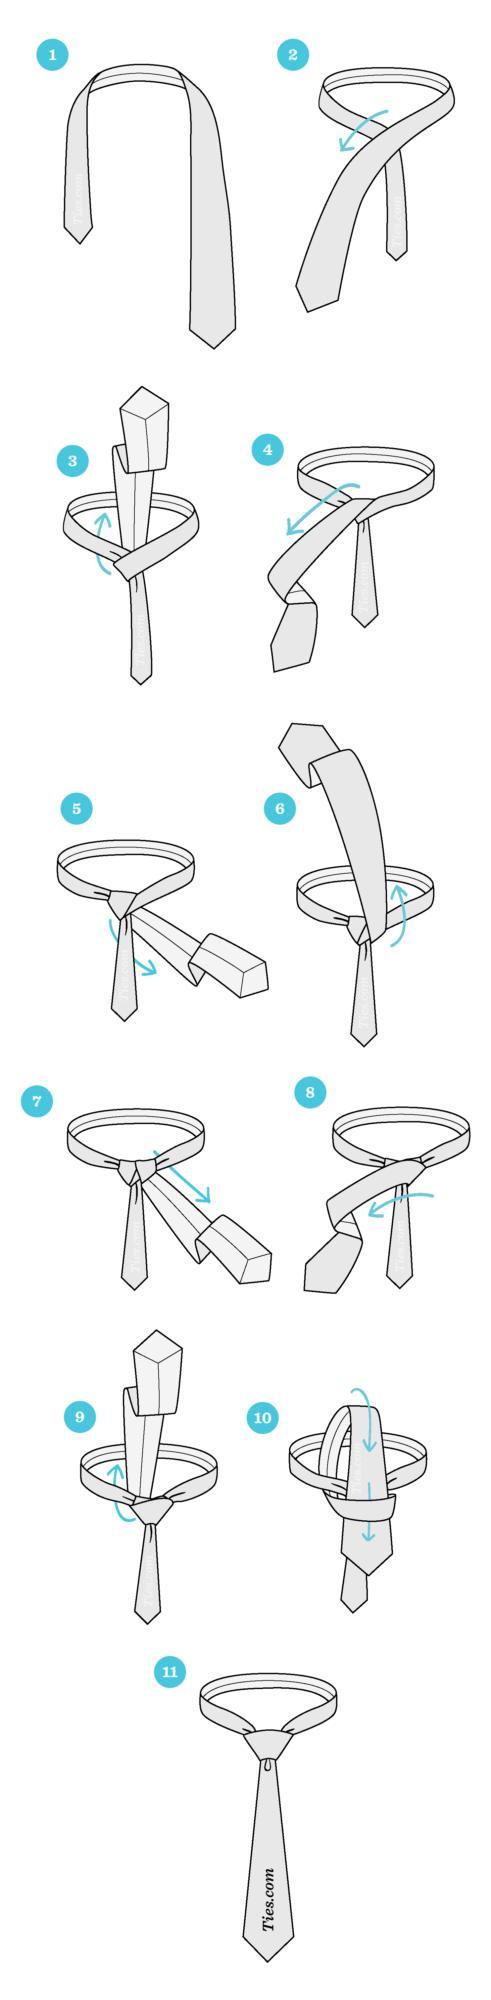 4 Different Ways To Tie A Tie 👔